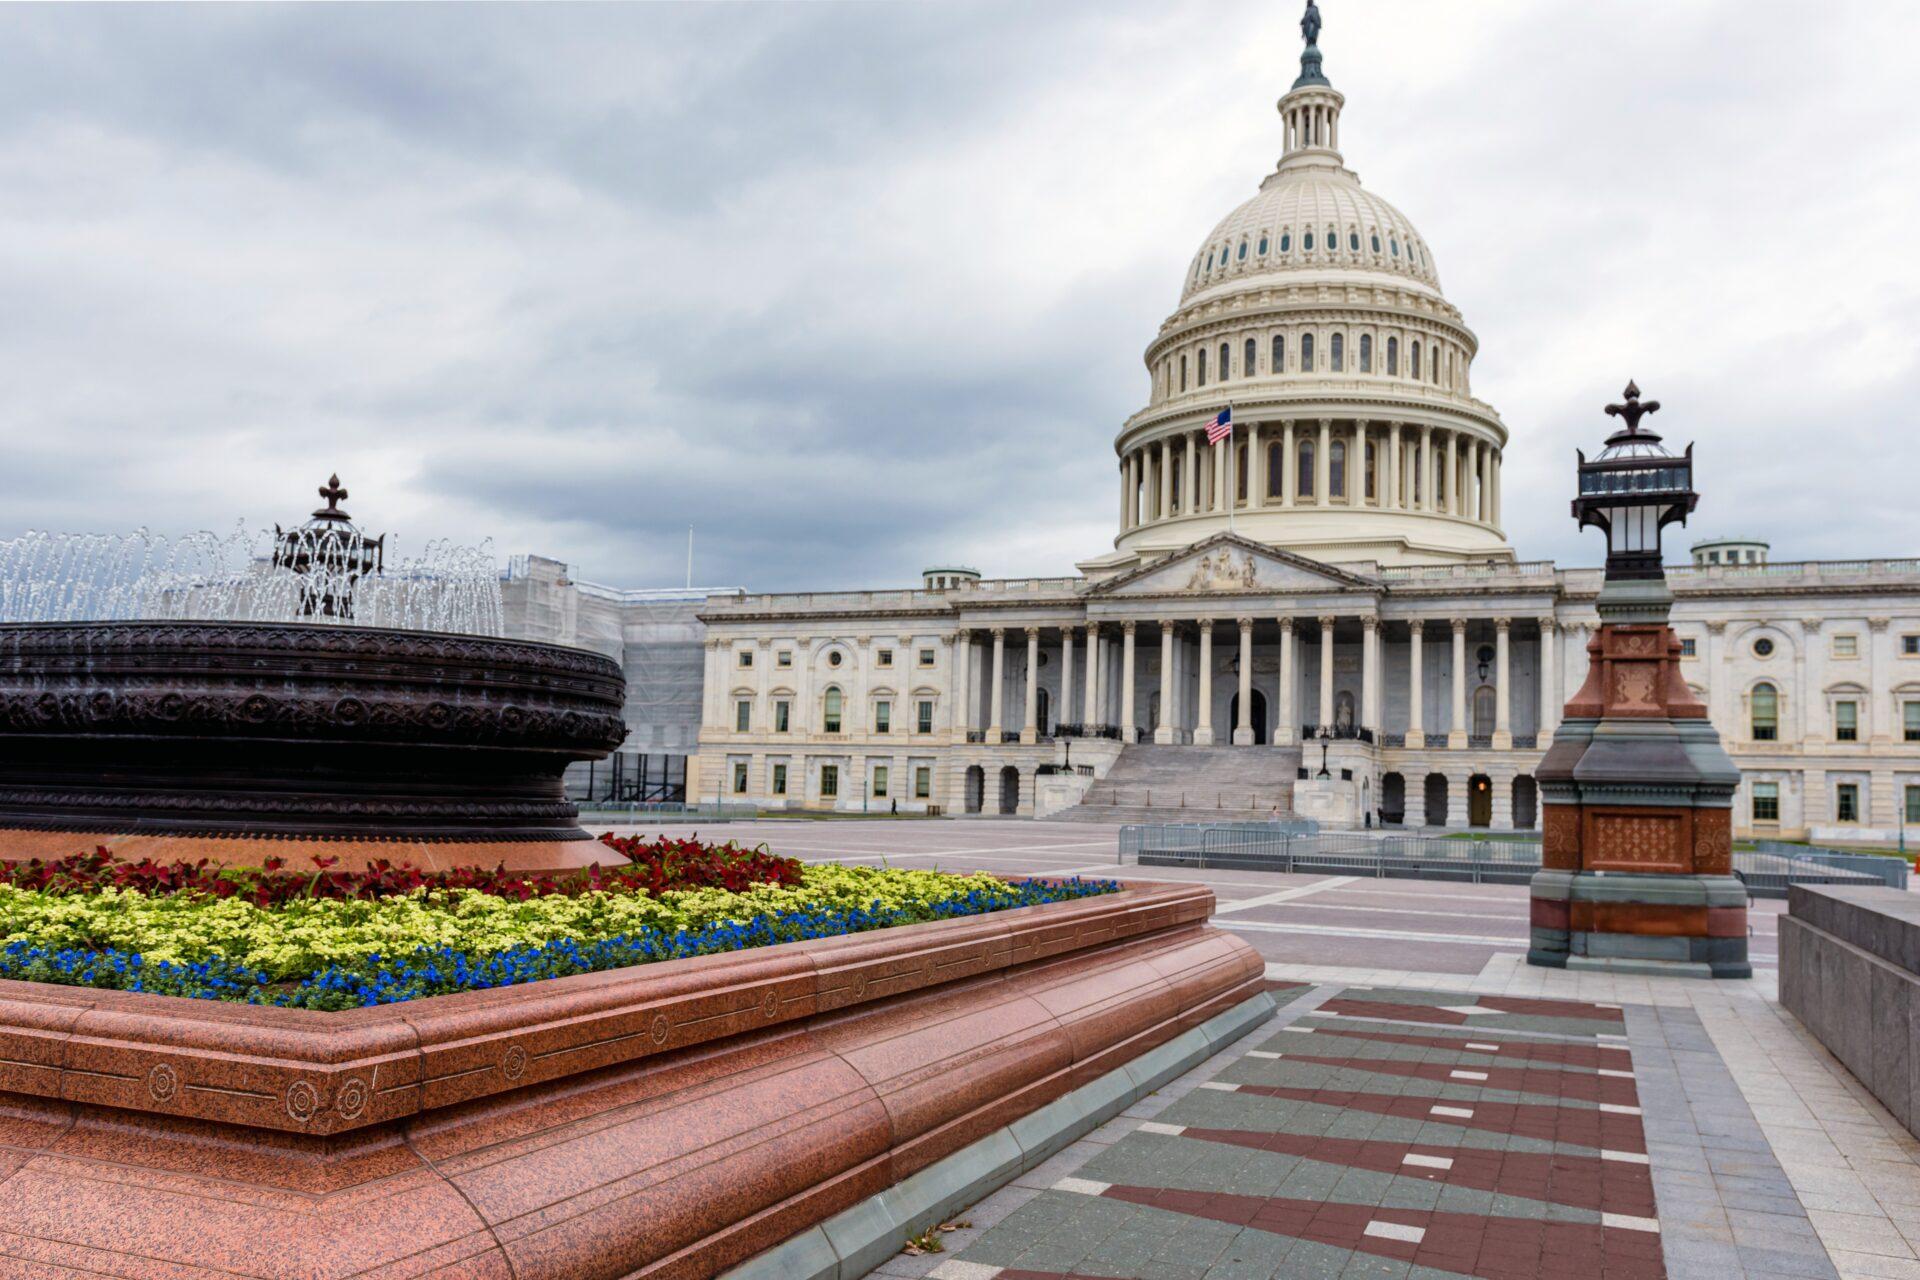 Πάνω απο 50 Γερουσιαστές των ΗΠΑ ζητούν την τιμωρία του Ερντογάν